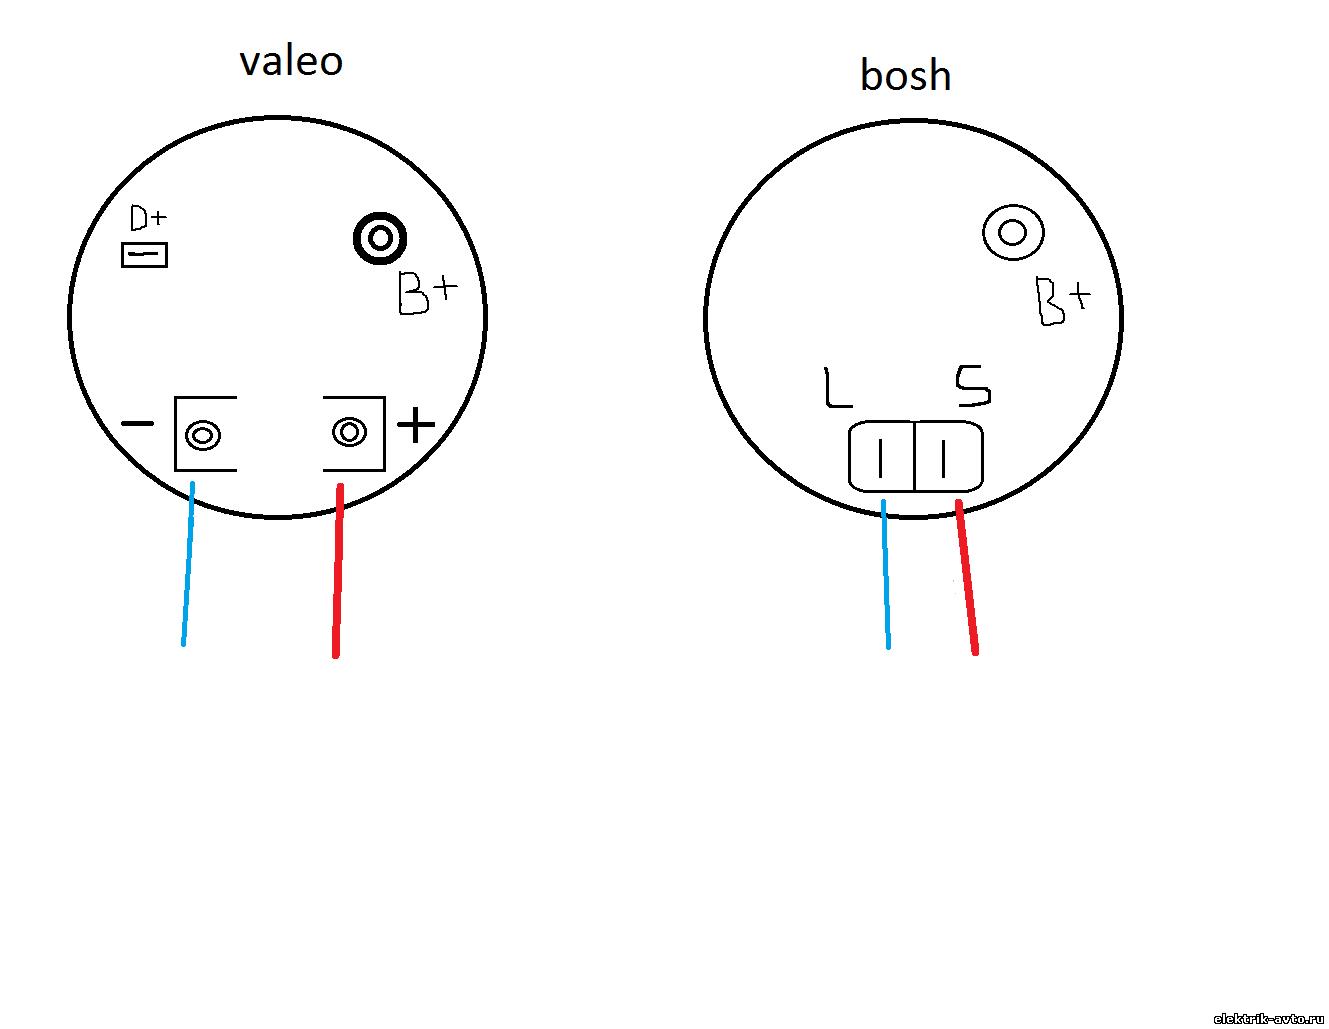 Схема подключения генераторов валео